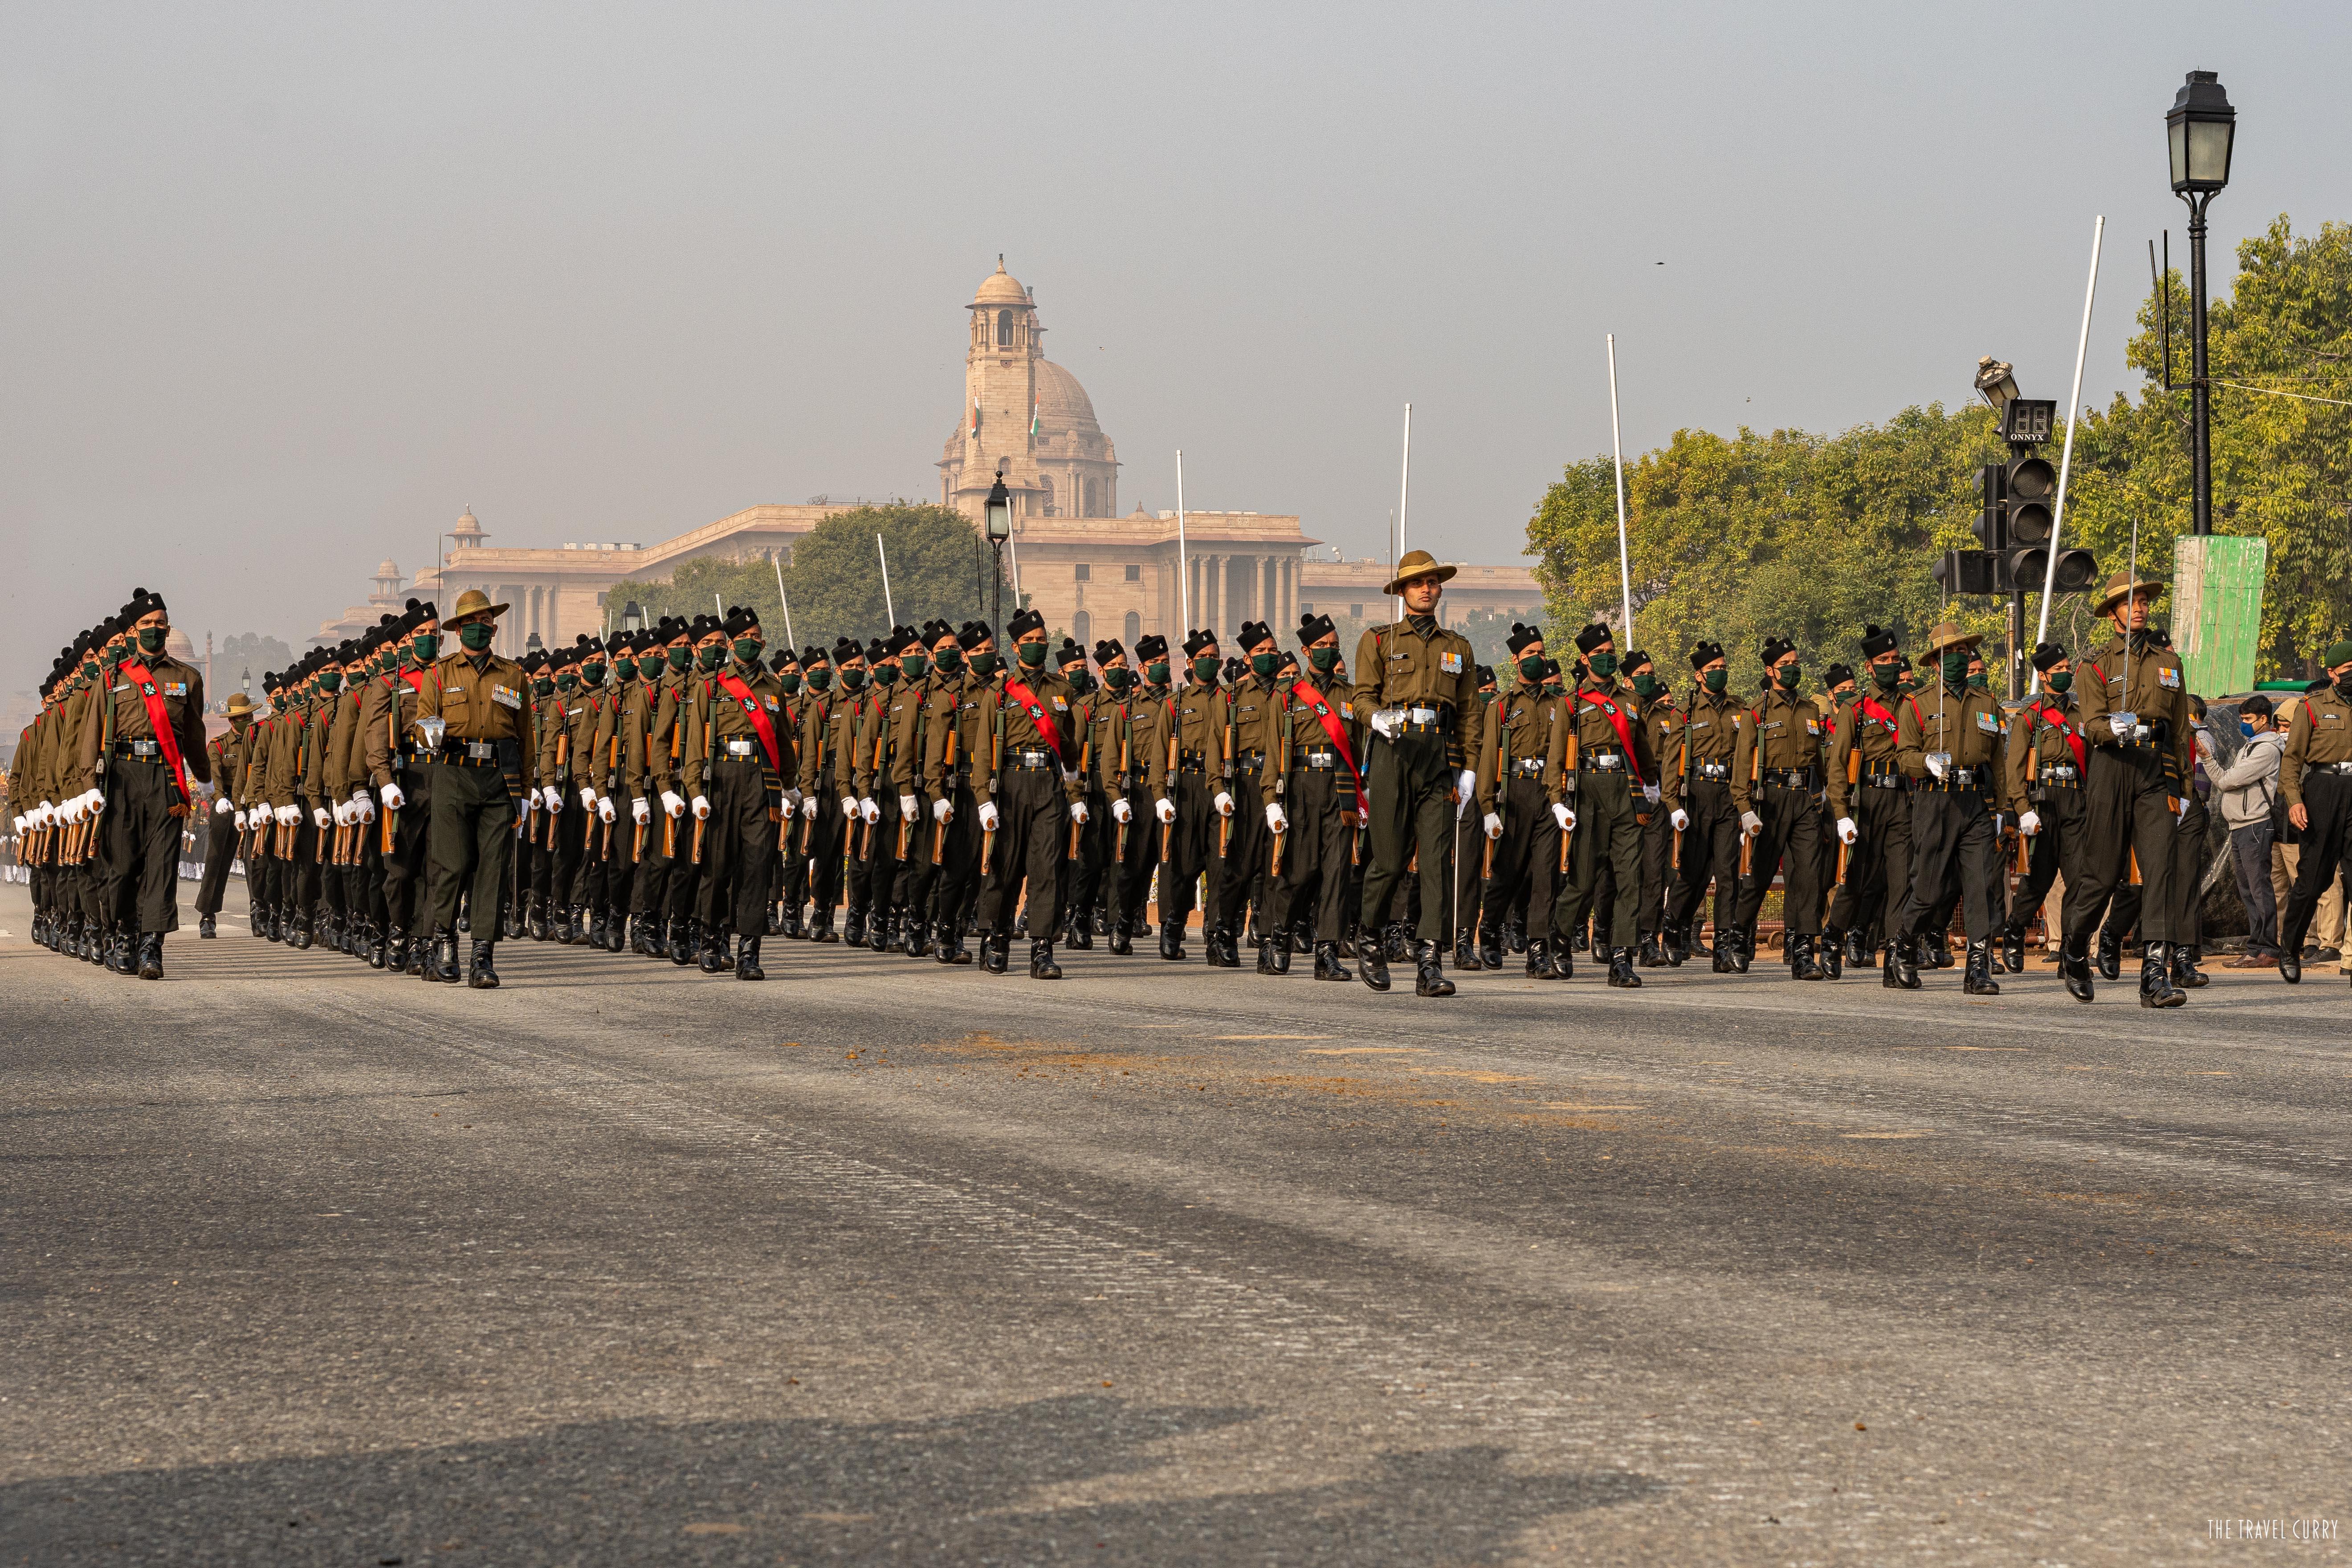 Garhwal Rifles